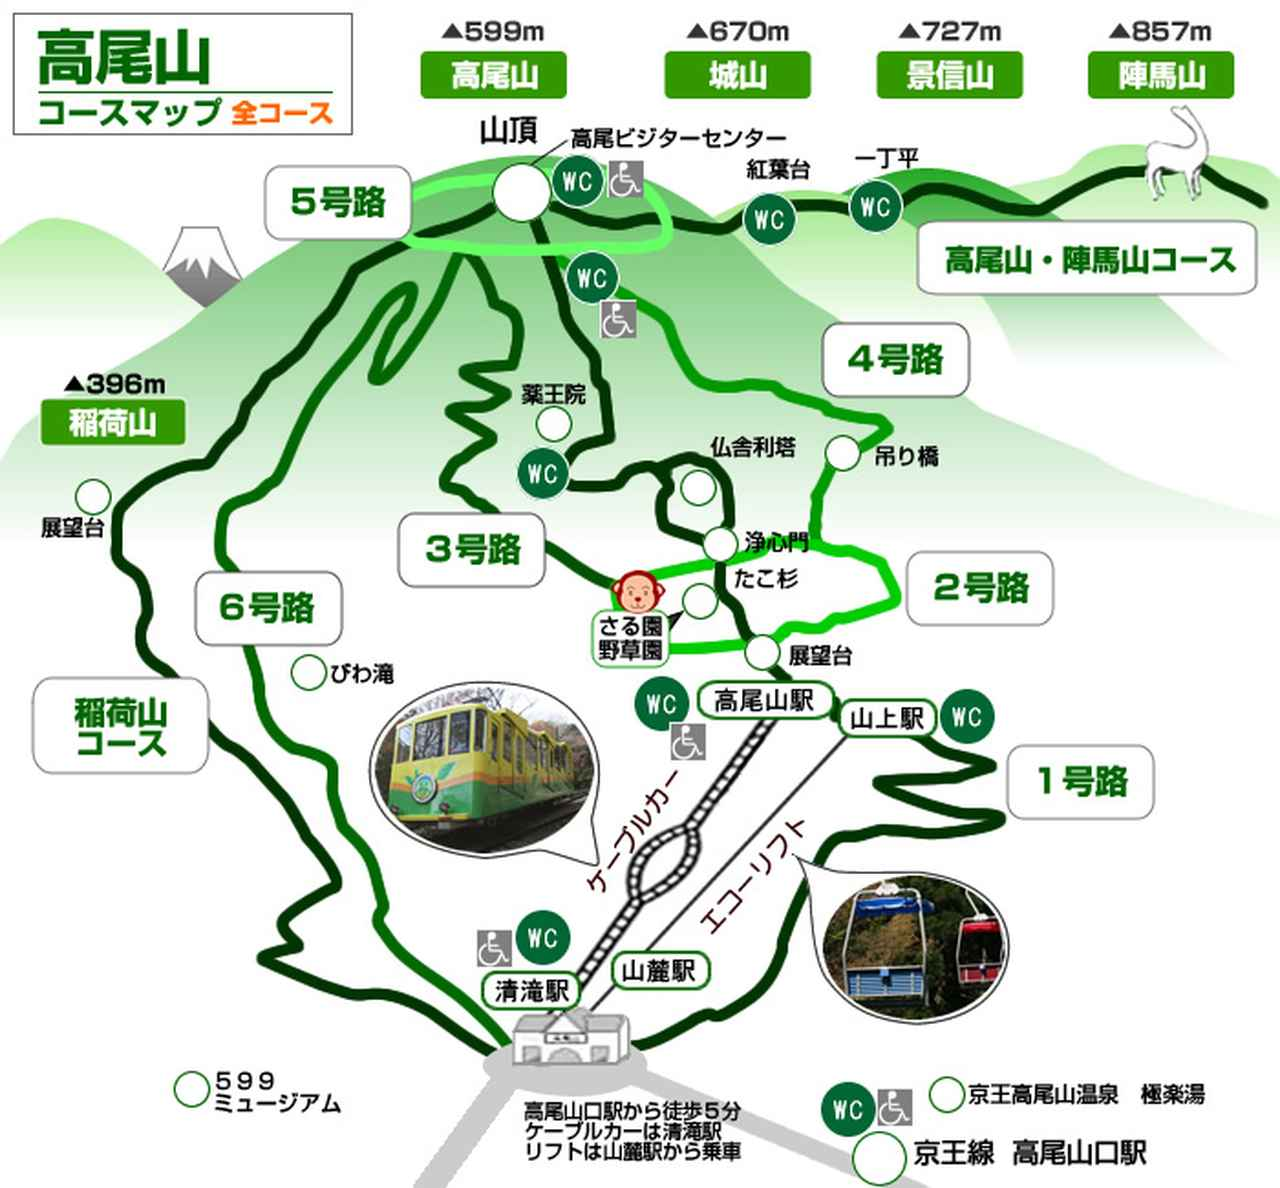 画像: 登山コース | 高尾登山電鉄公式サイト